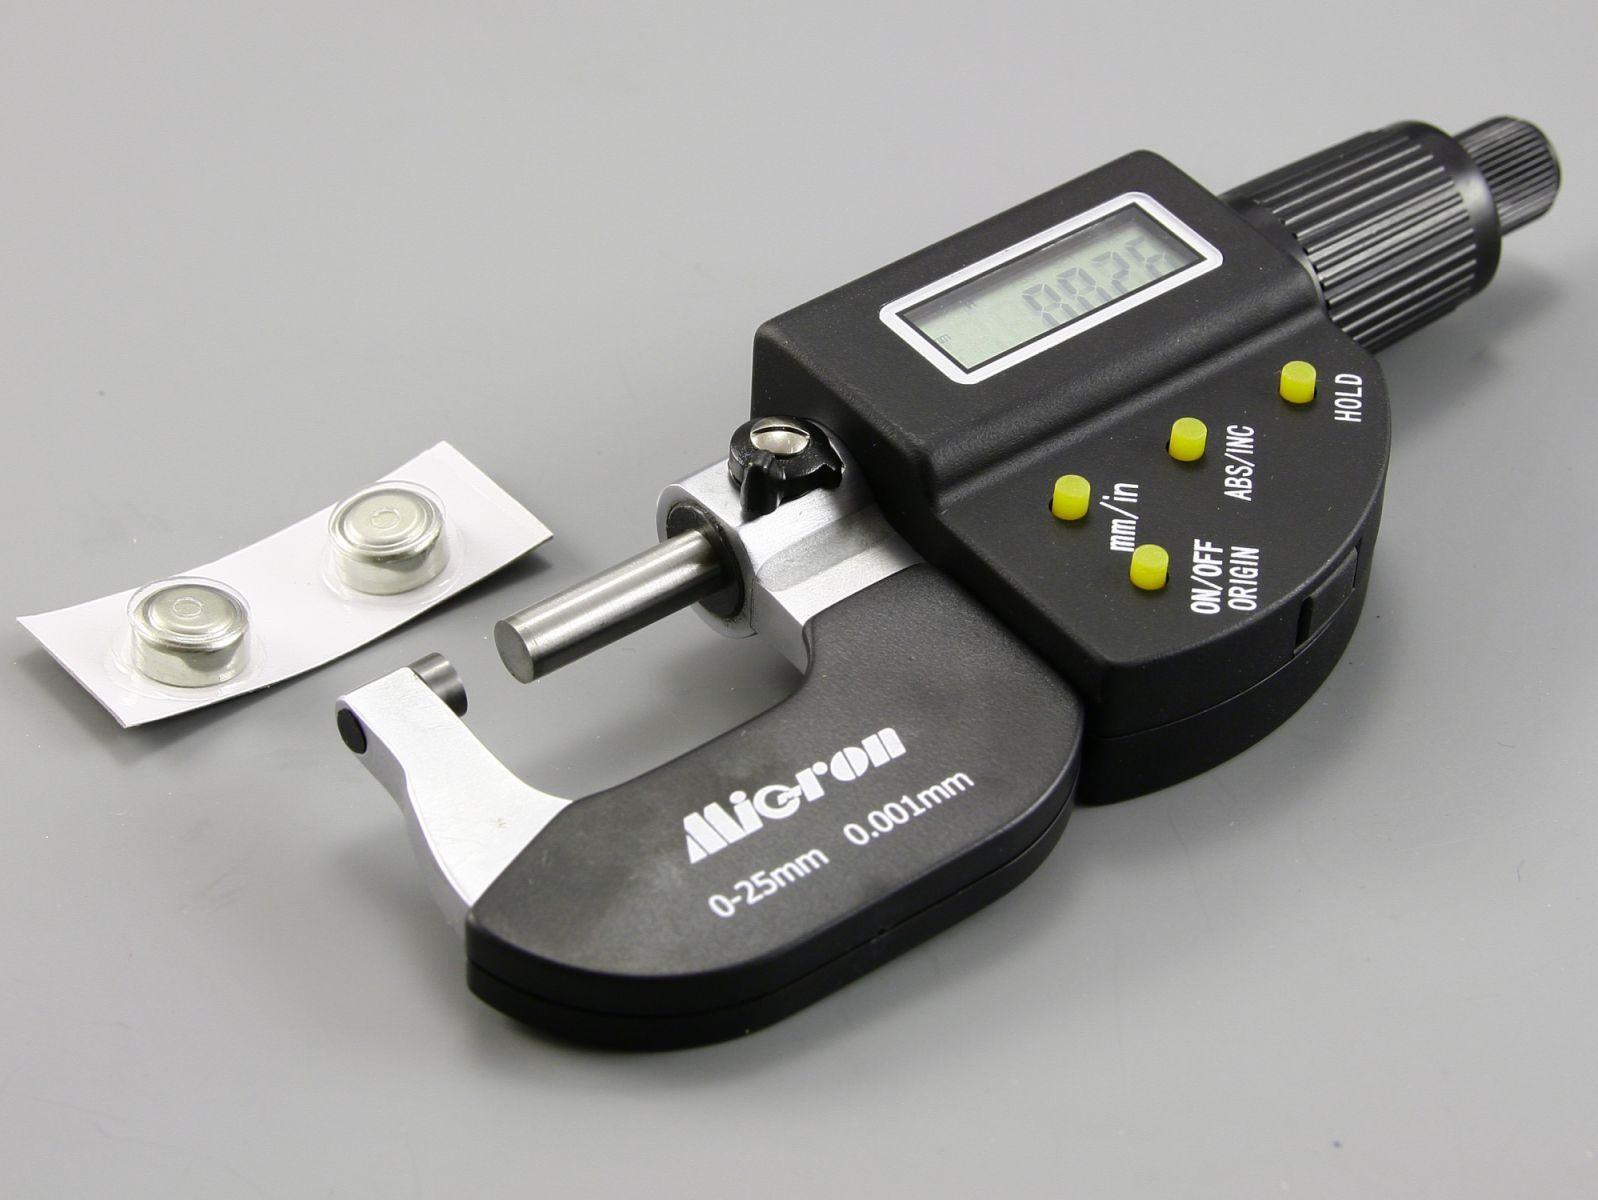 Микрометр с цифровым дисплеем